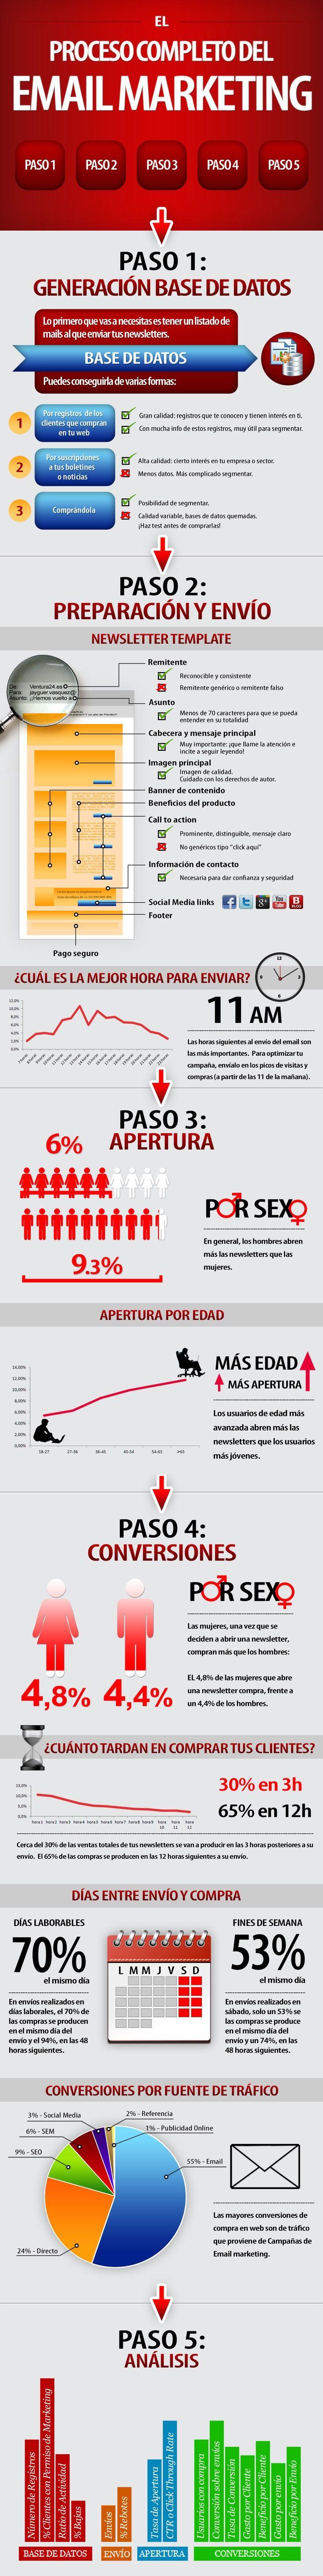 En esta infografía se describe el proceso completo del email marketing. www.emailmarketing1.com.mx